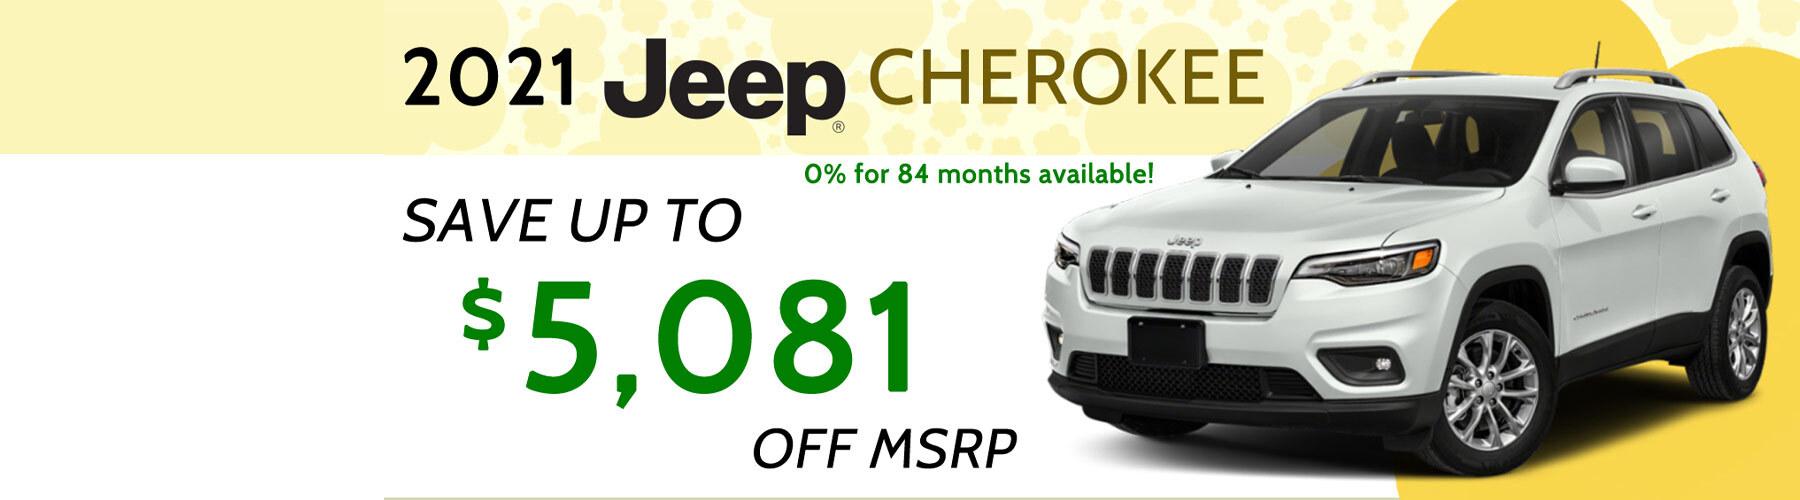 Cherokee Offer